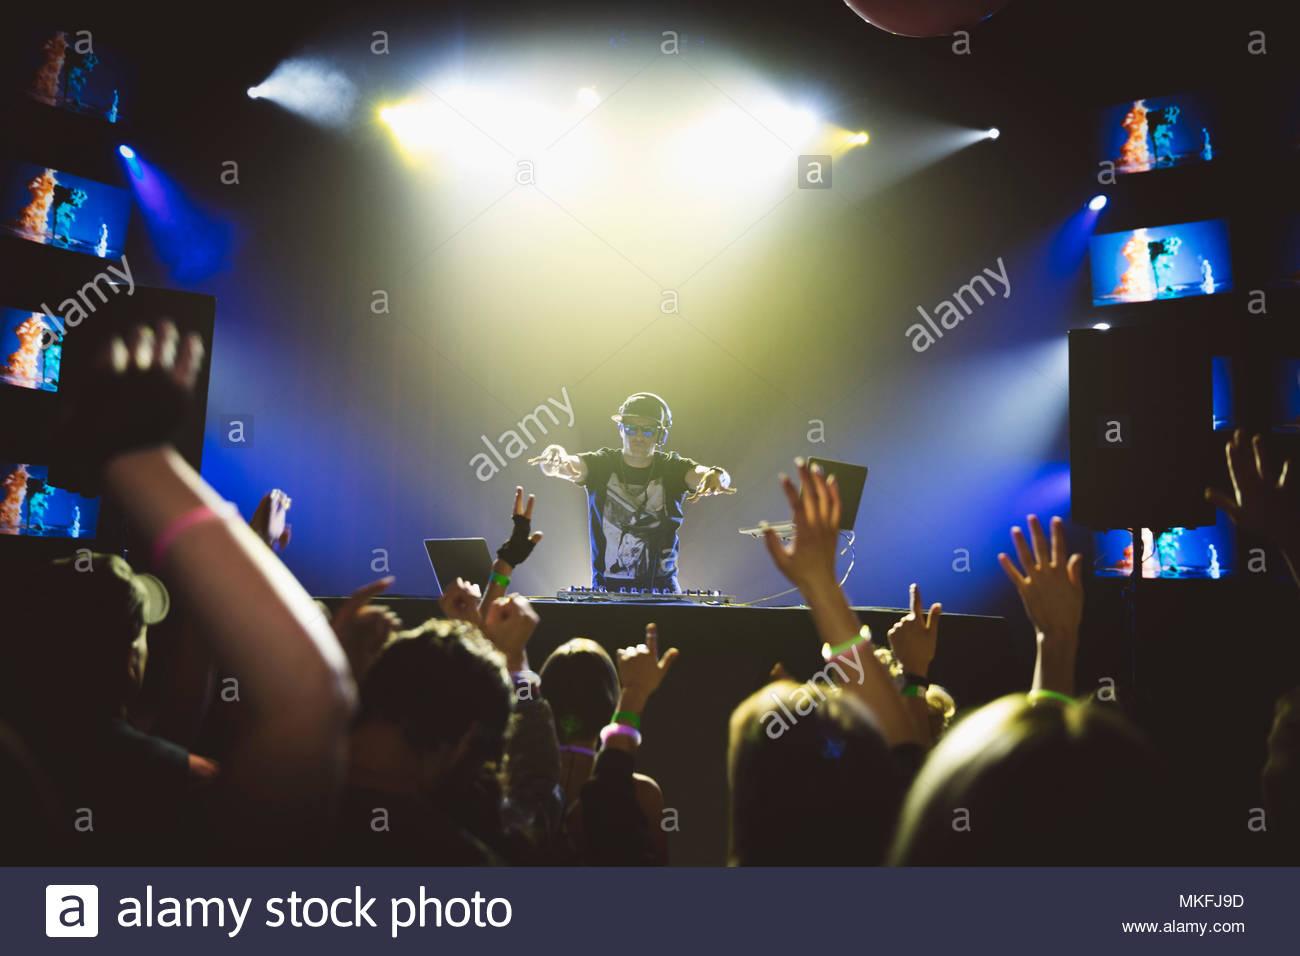 DJ auf der Bühne gestikulierend zu Gast Tanzen im Nachtclub Stockbild